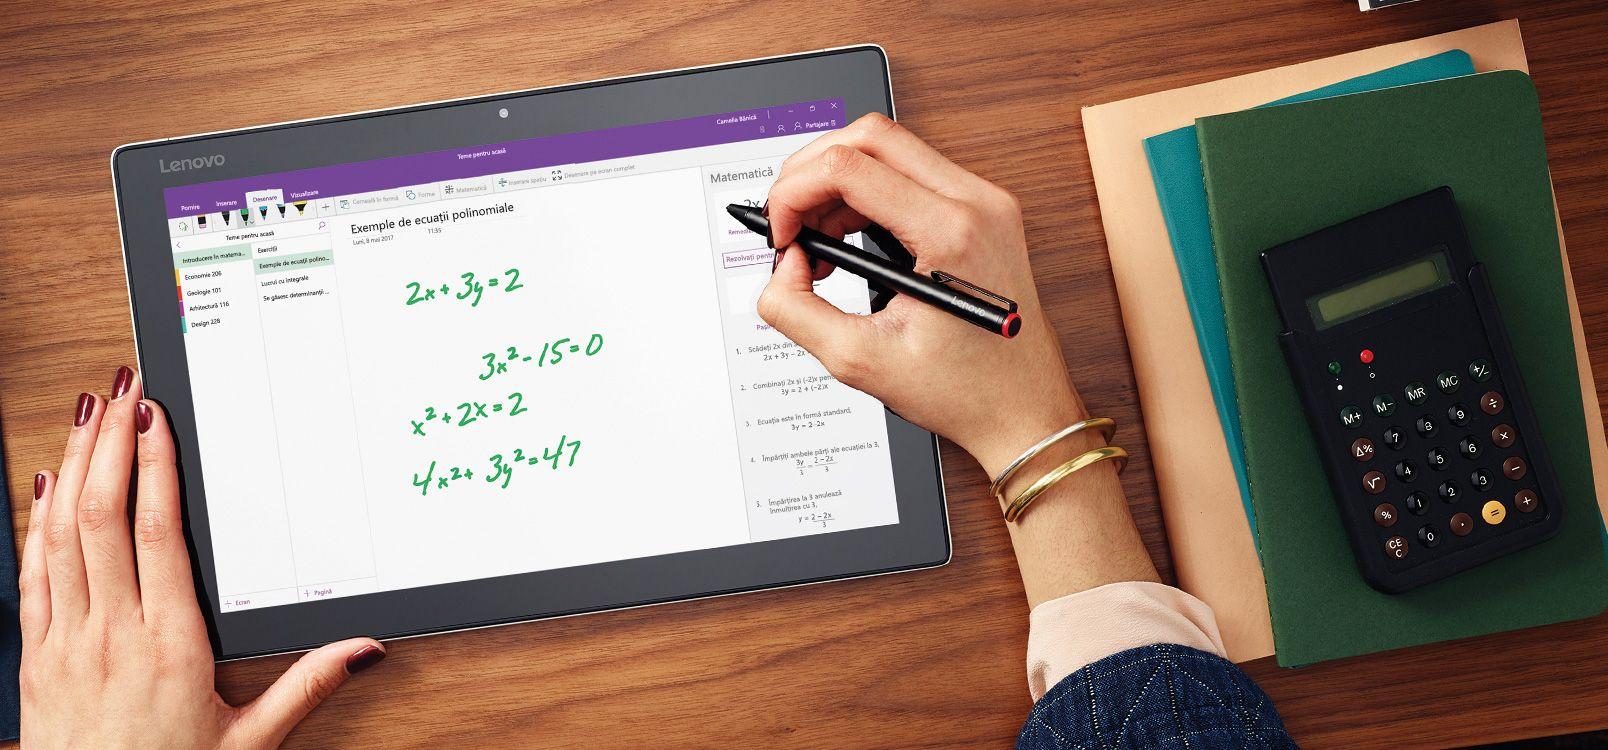 Ecran de tabletă care afișează OneNote utilizând asistentul de matematică în cerneală